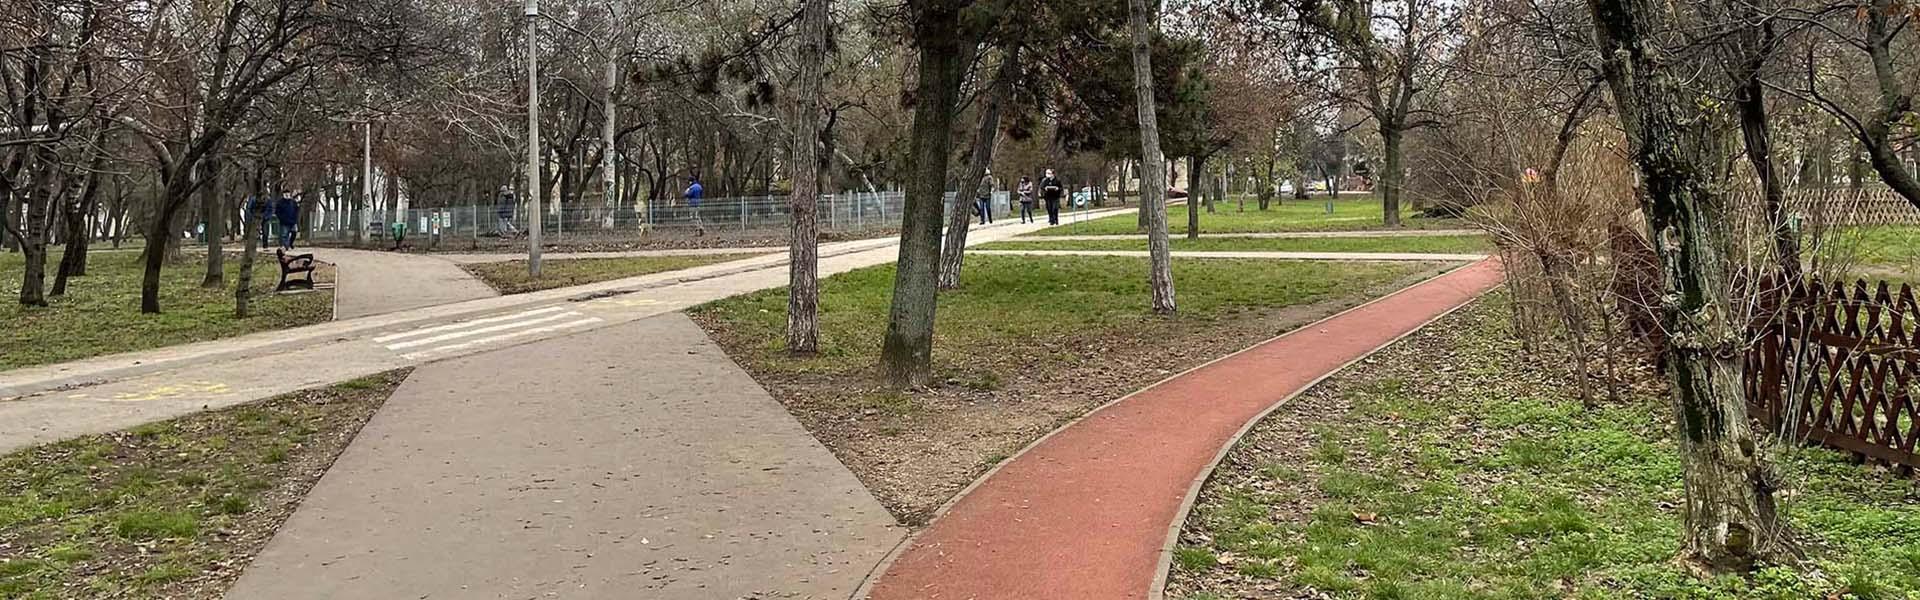 Óhegy park futókör